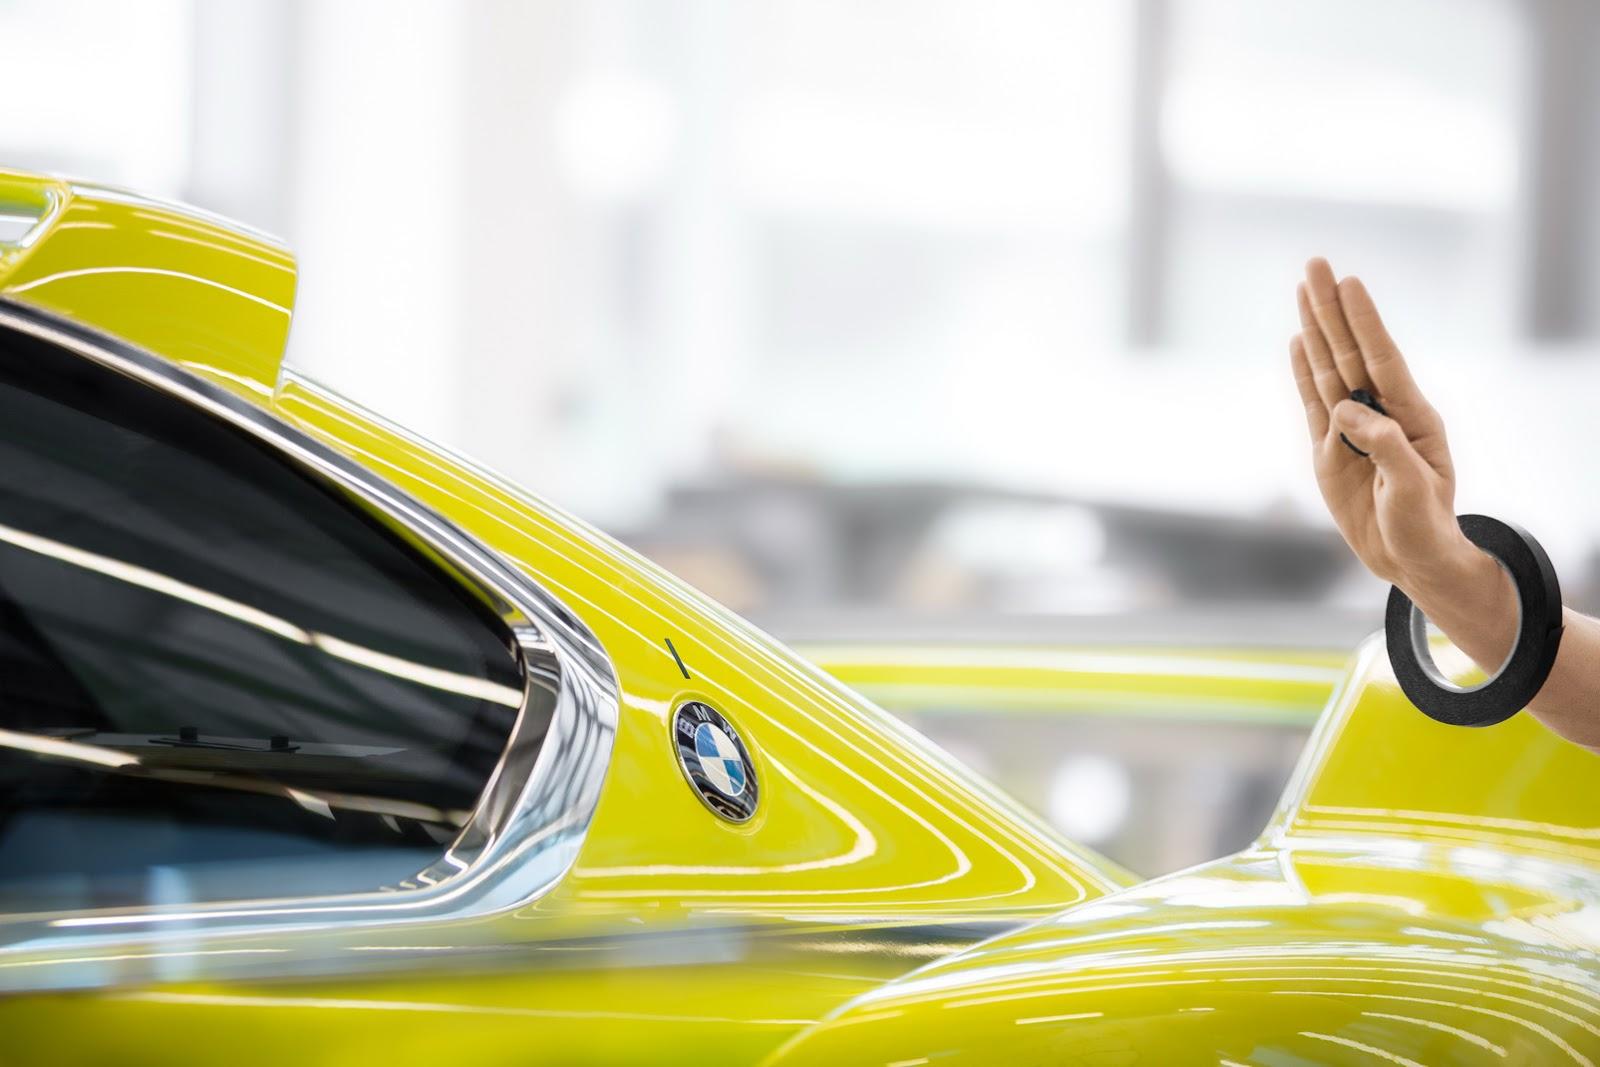 2015 -[BMW] 3.0 CSL Hommage - Page 2 BMW-3-0-CSL-Hommage-1